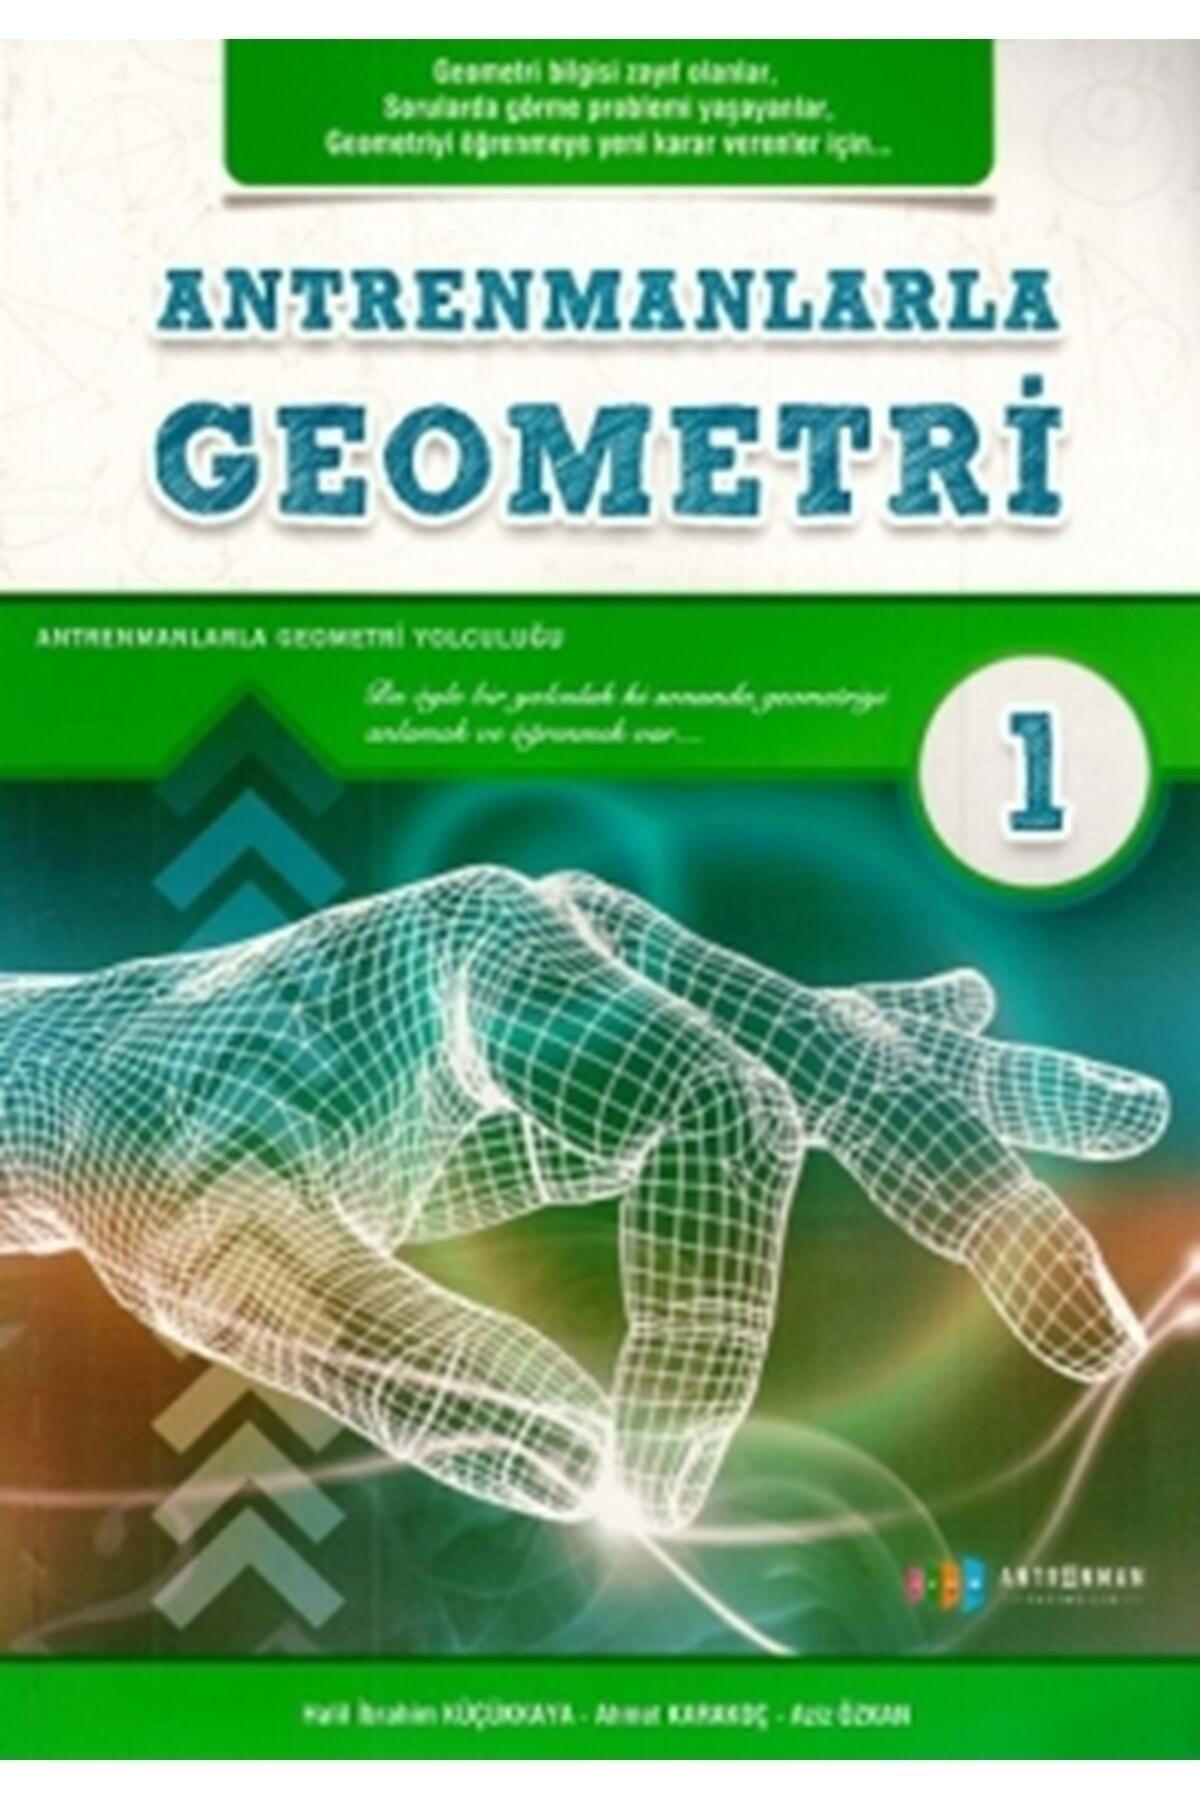 Antrenmanlarla Geometri-1 Tyt-ayt Uyumlu